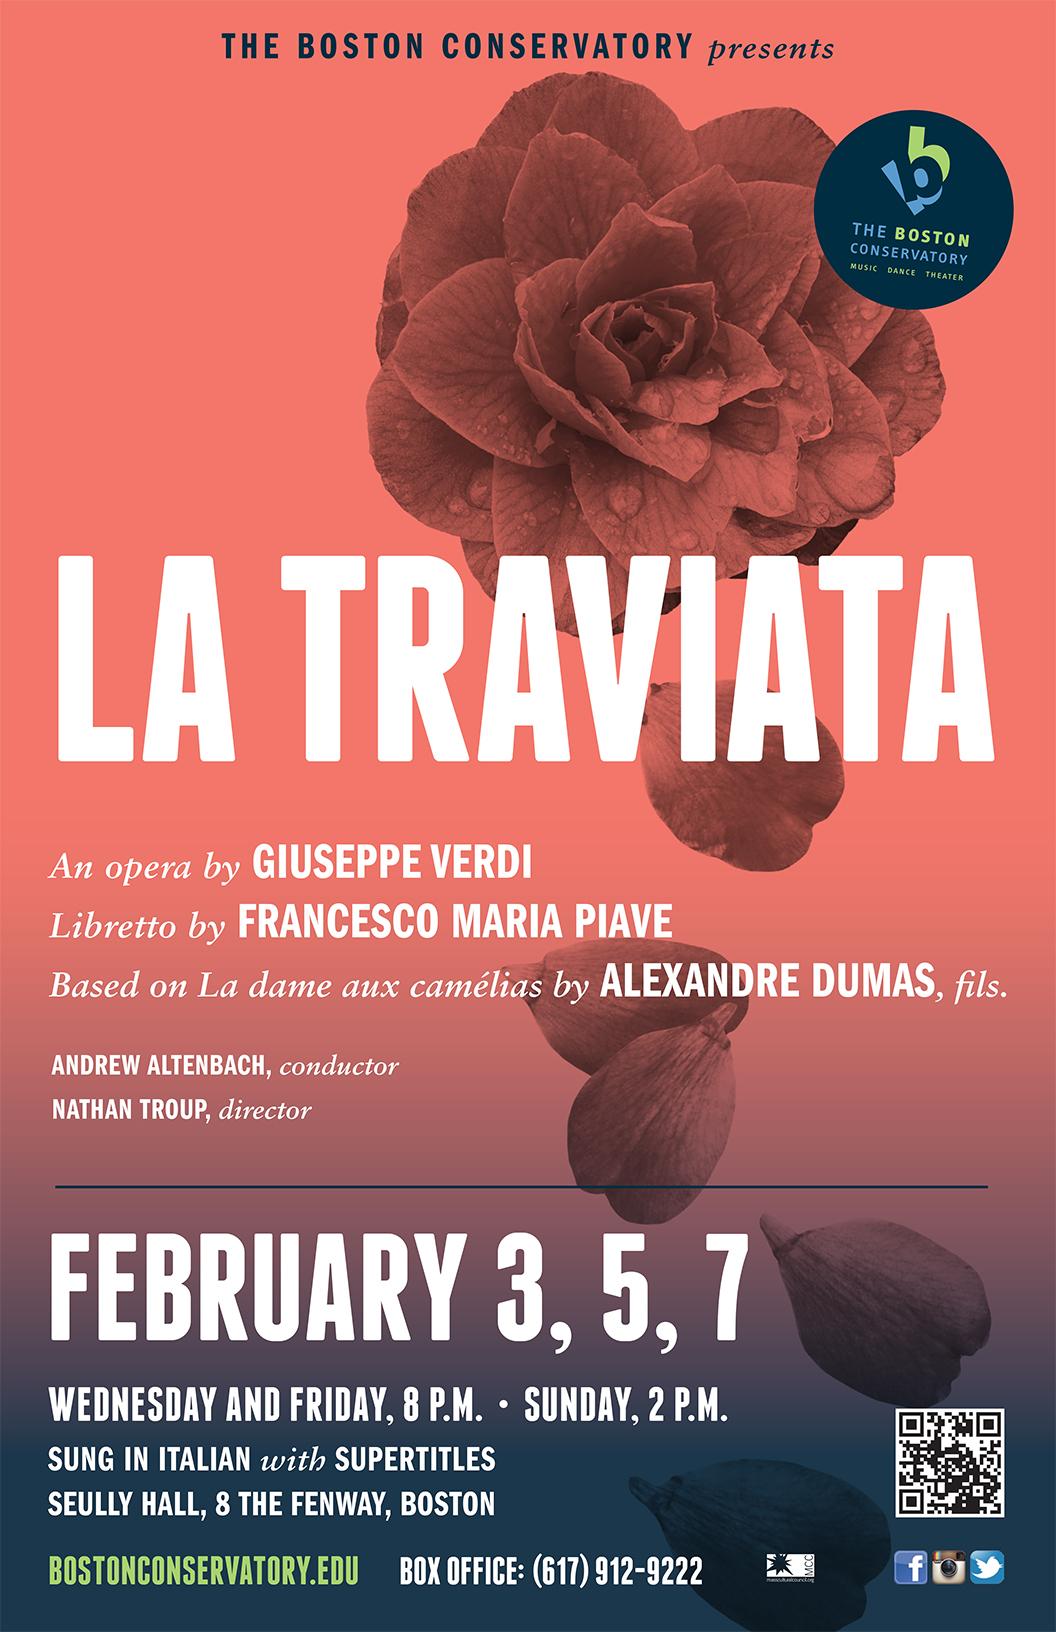 Flyer for La Traviata at The Boston Conservatory 2016